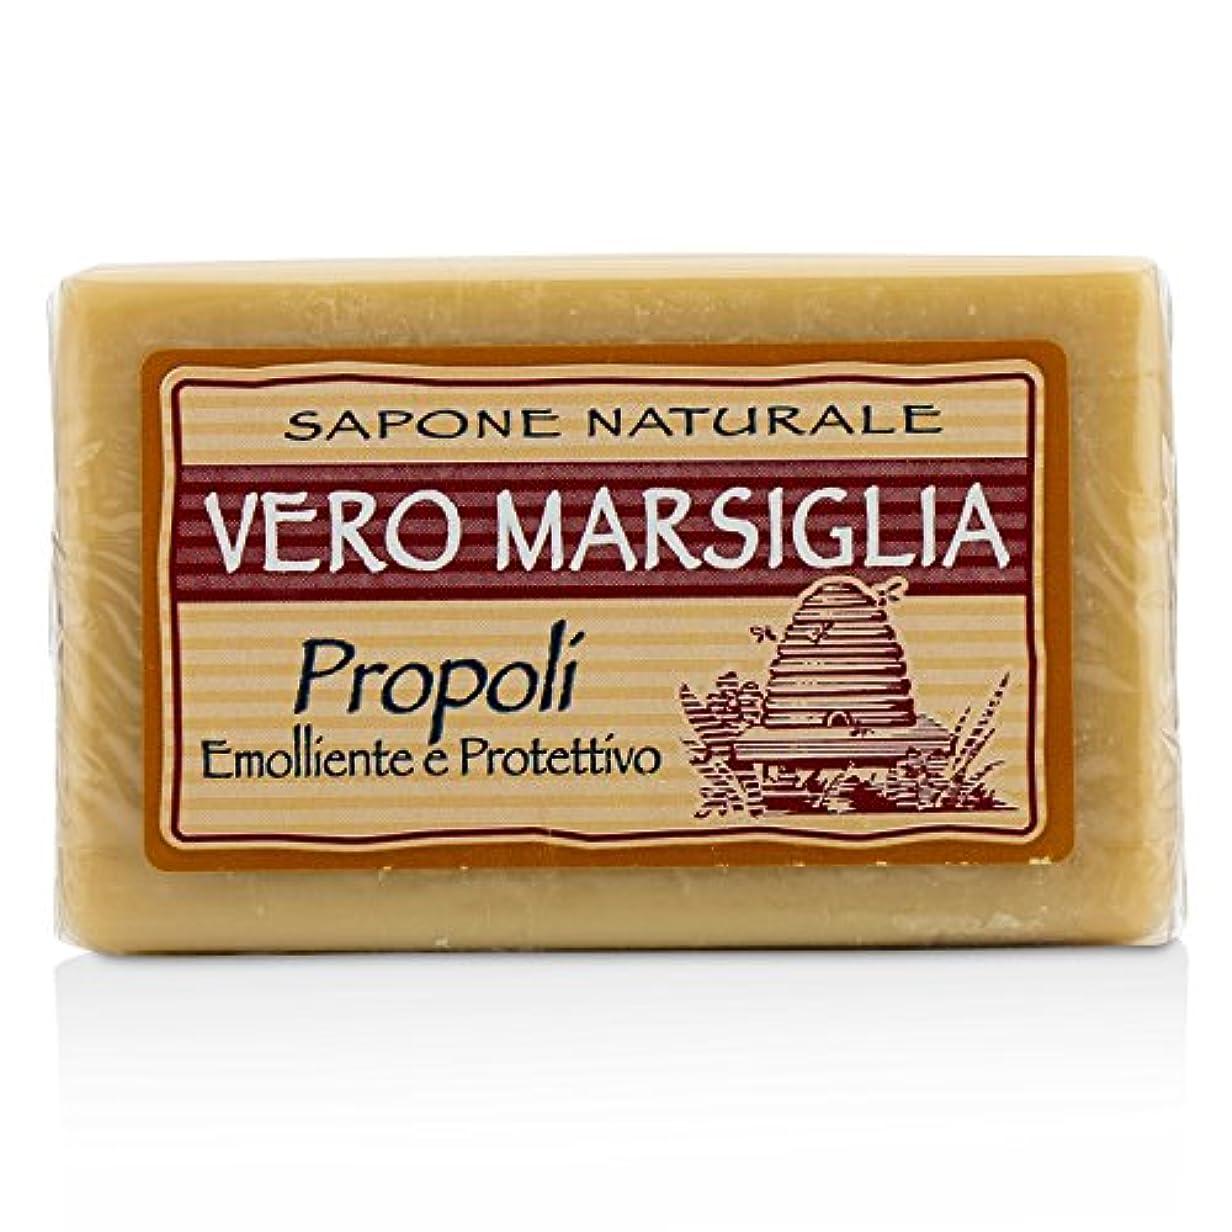 発表地域顕微鏡ネスティダンテ Vero Marsiglia Natural Soap - Propolis (Emollient and Protective) 150g/5.29oz並行輸入品